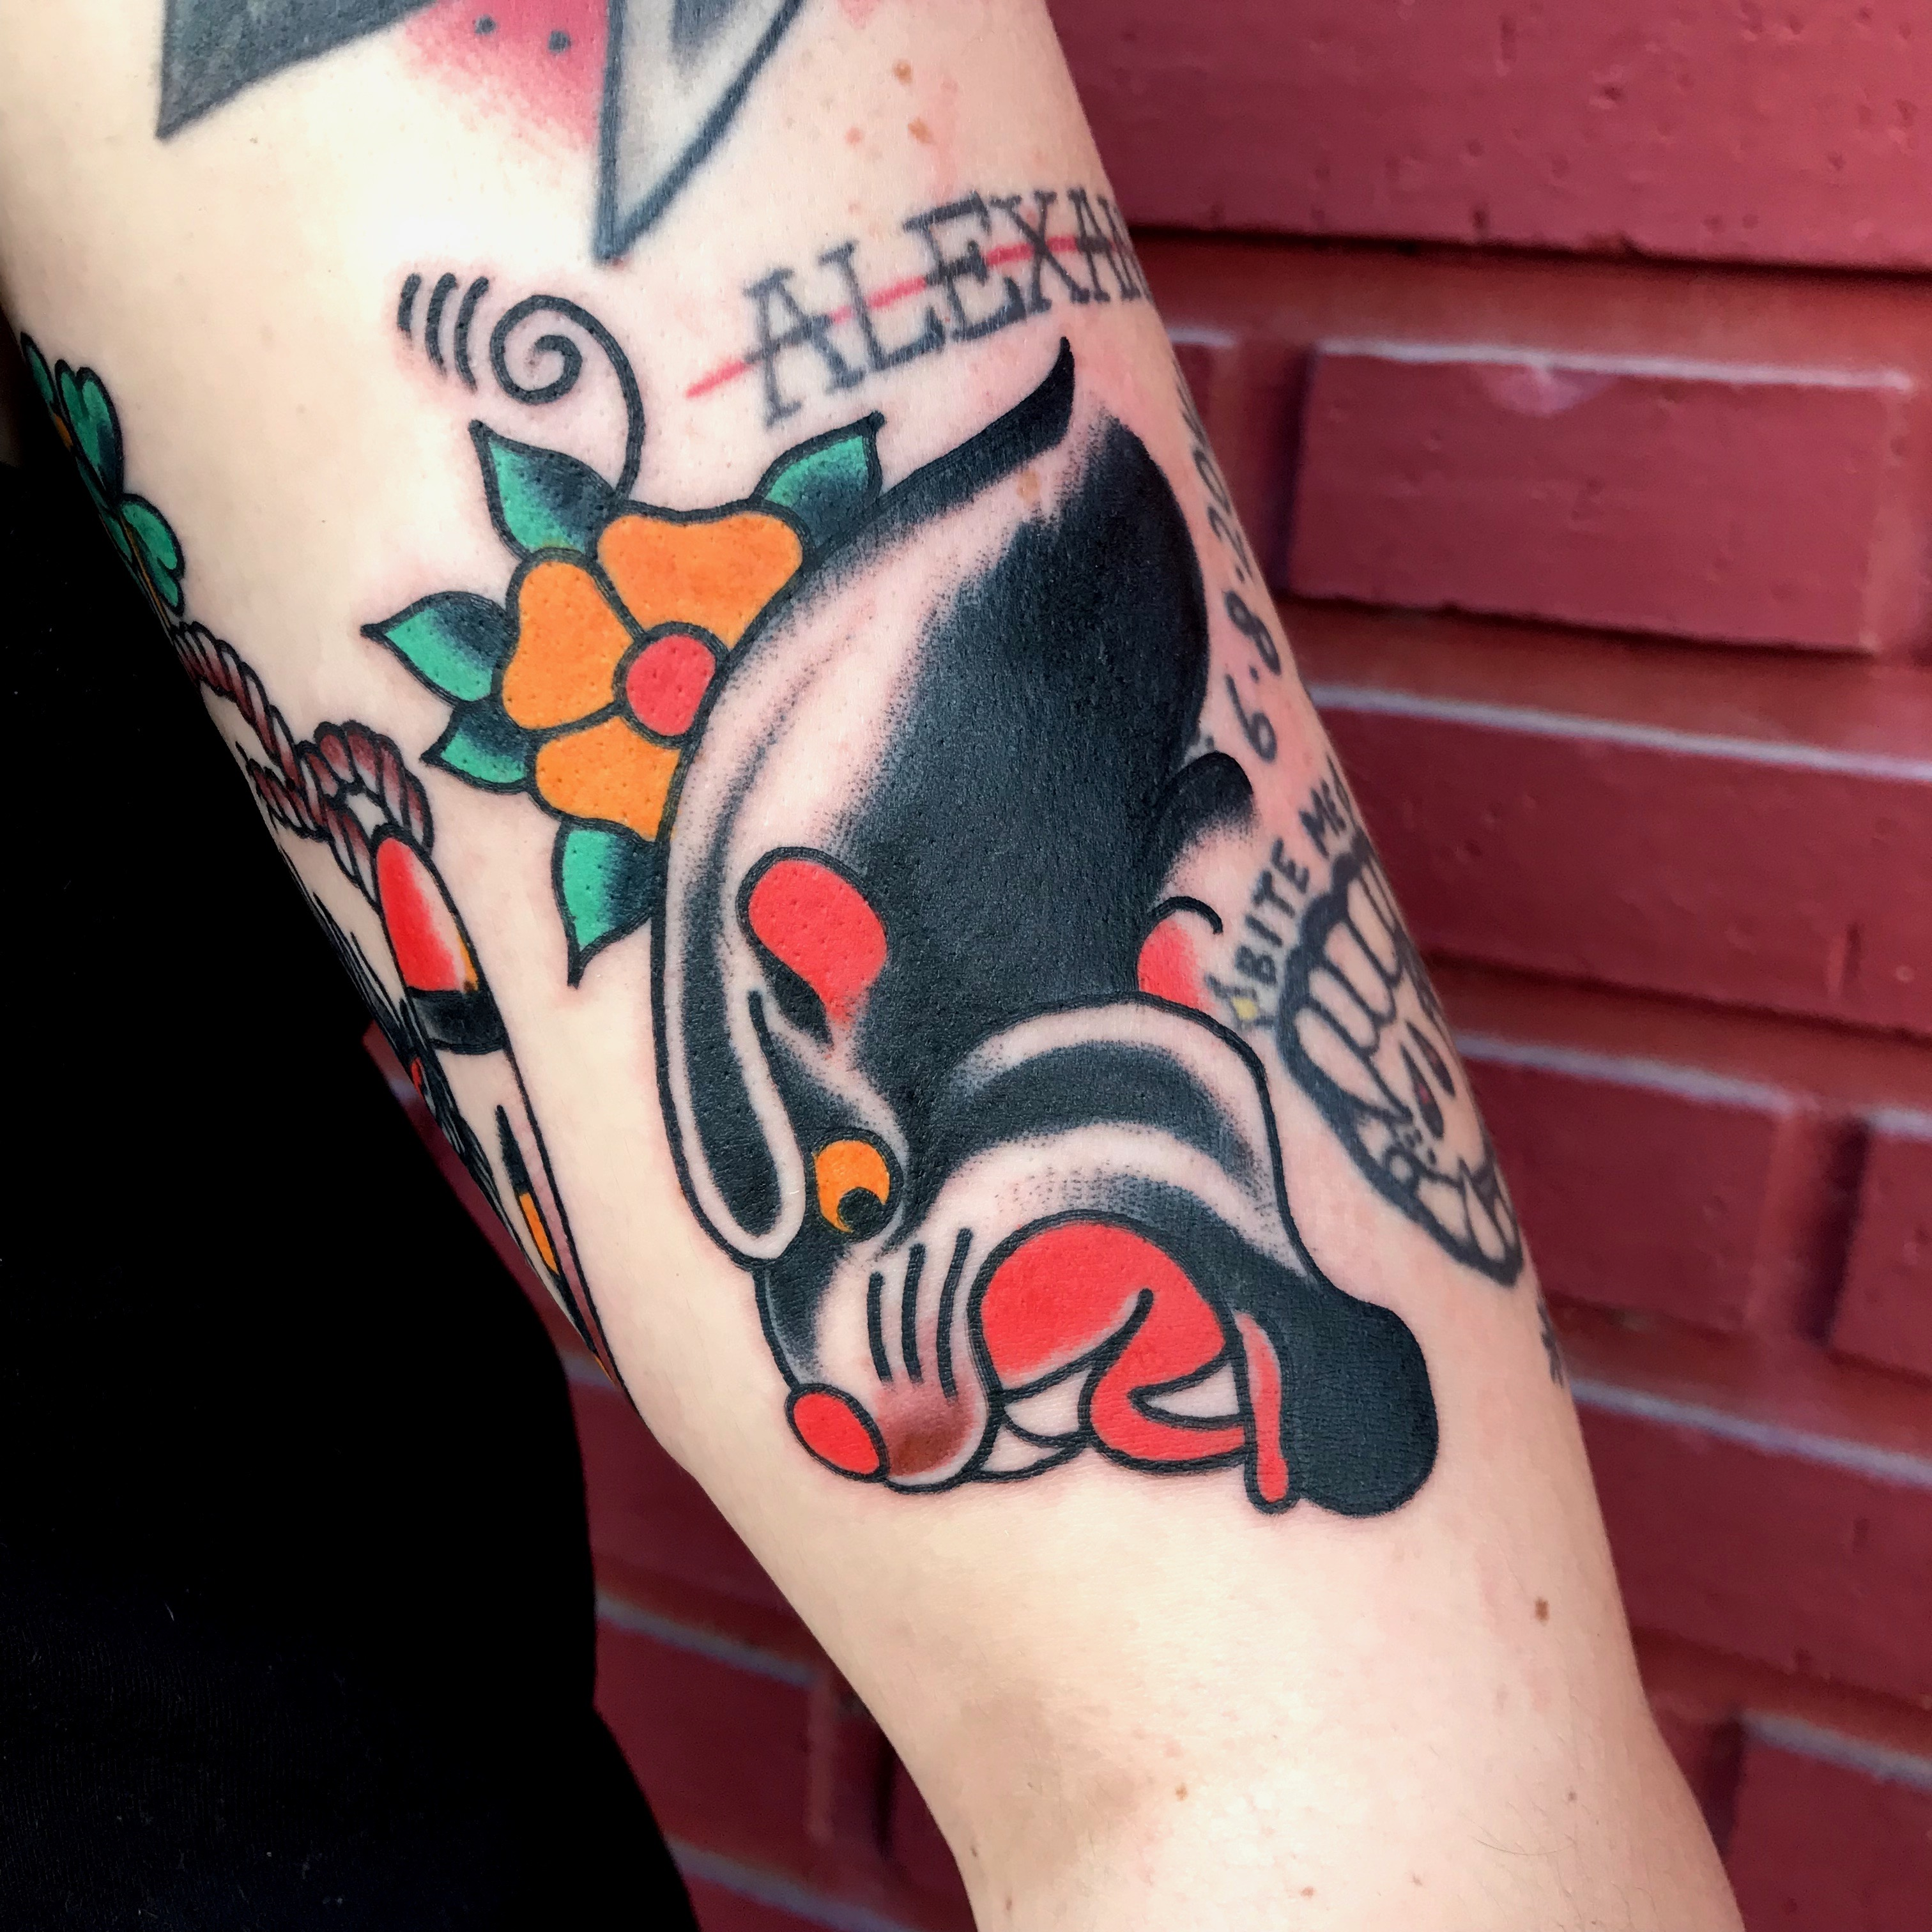 Tatuaje estilo tradicional